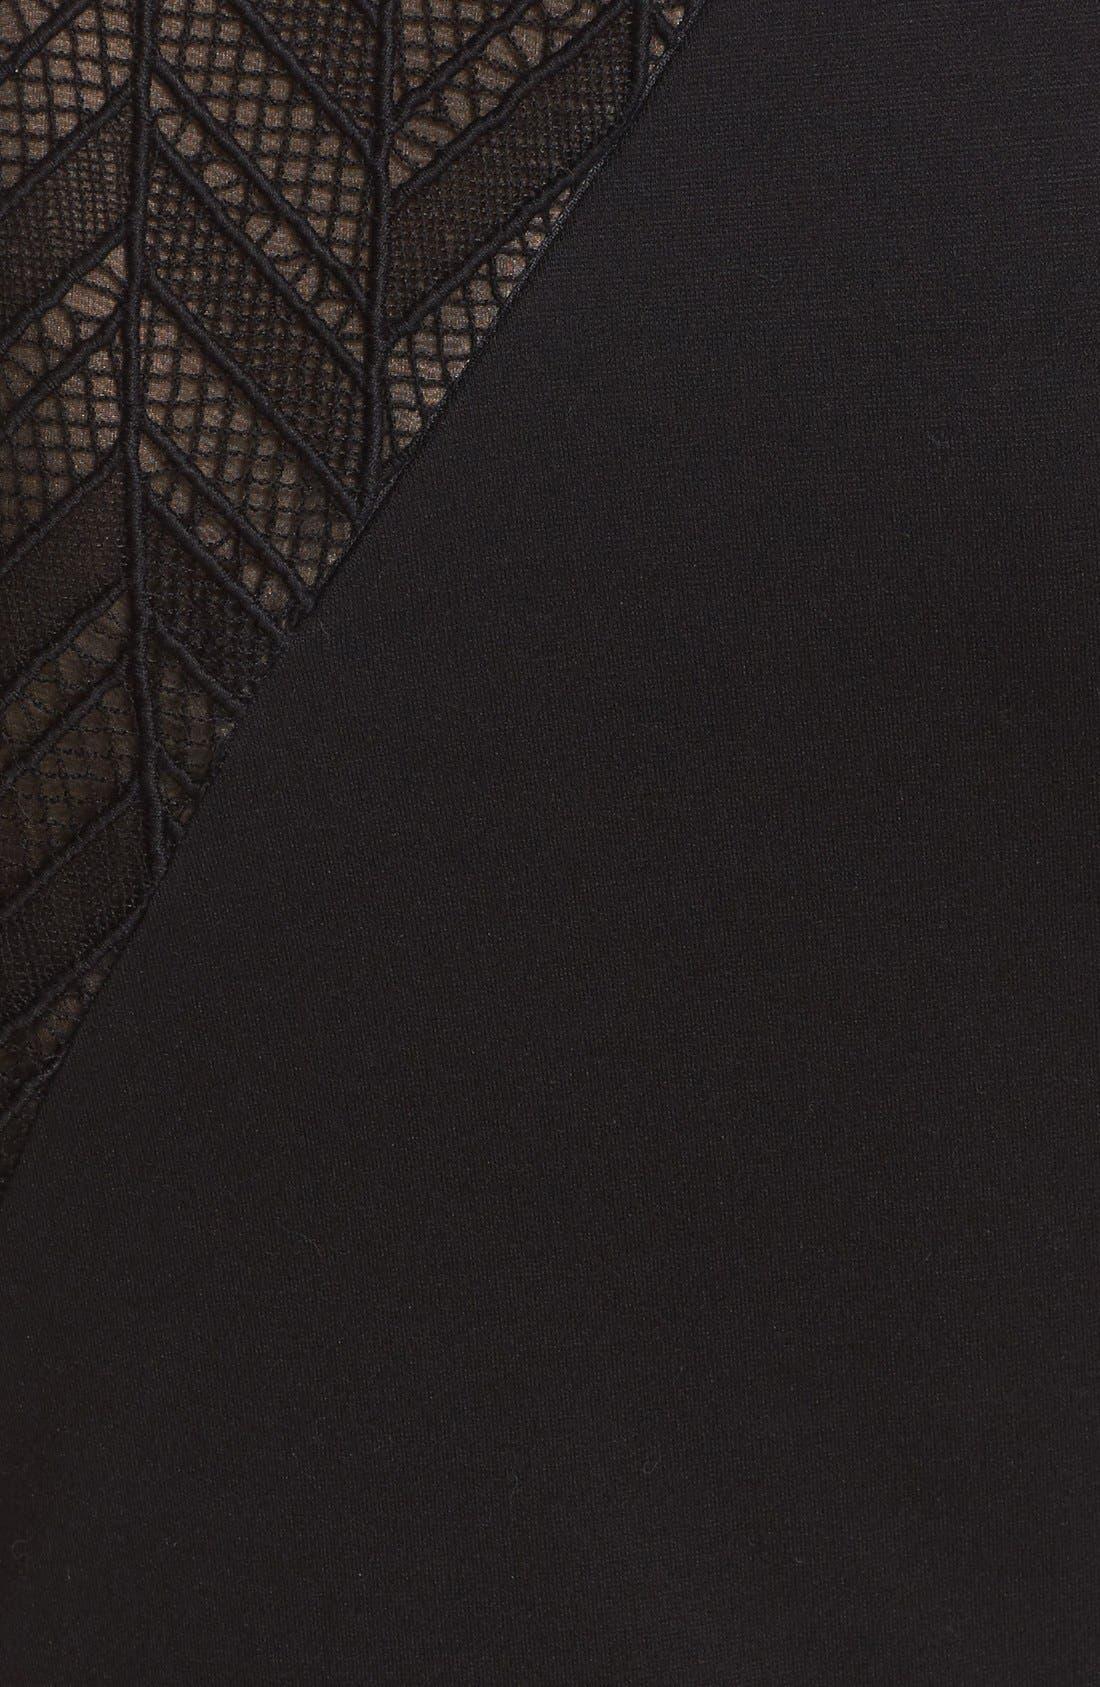 Alternate Image 3  - Jason Wu Chevron Lace & Ponte Knit Asymmetric Dress